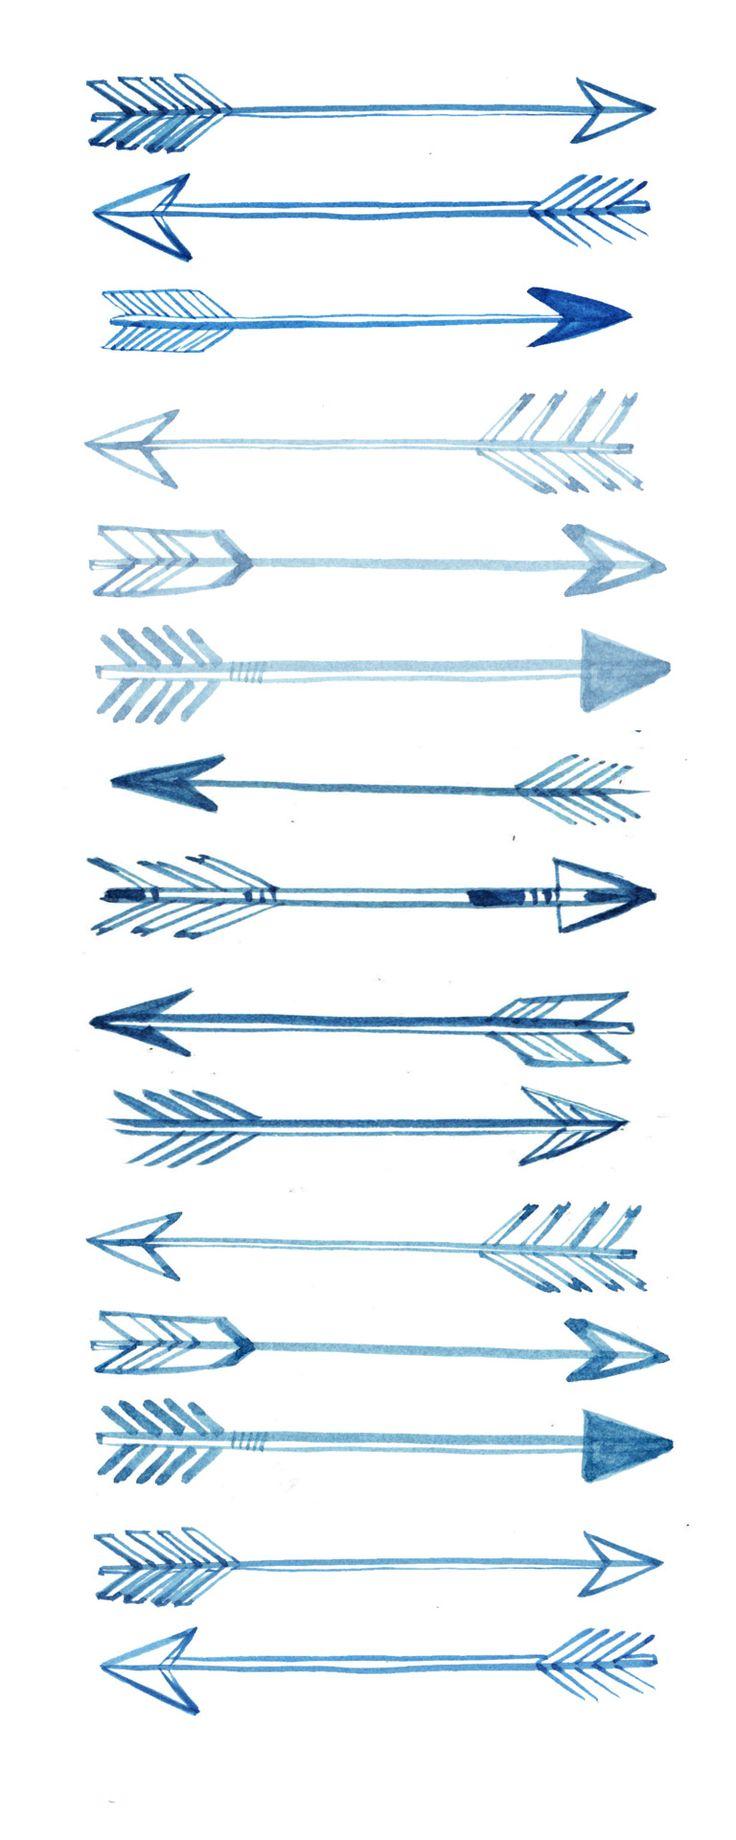 """"""" follow your arrow"""" kacey musgraves"""